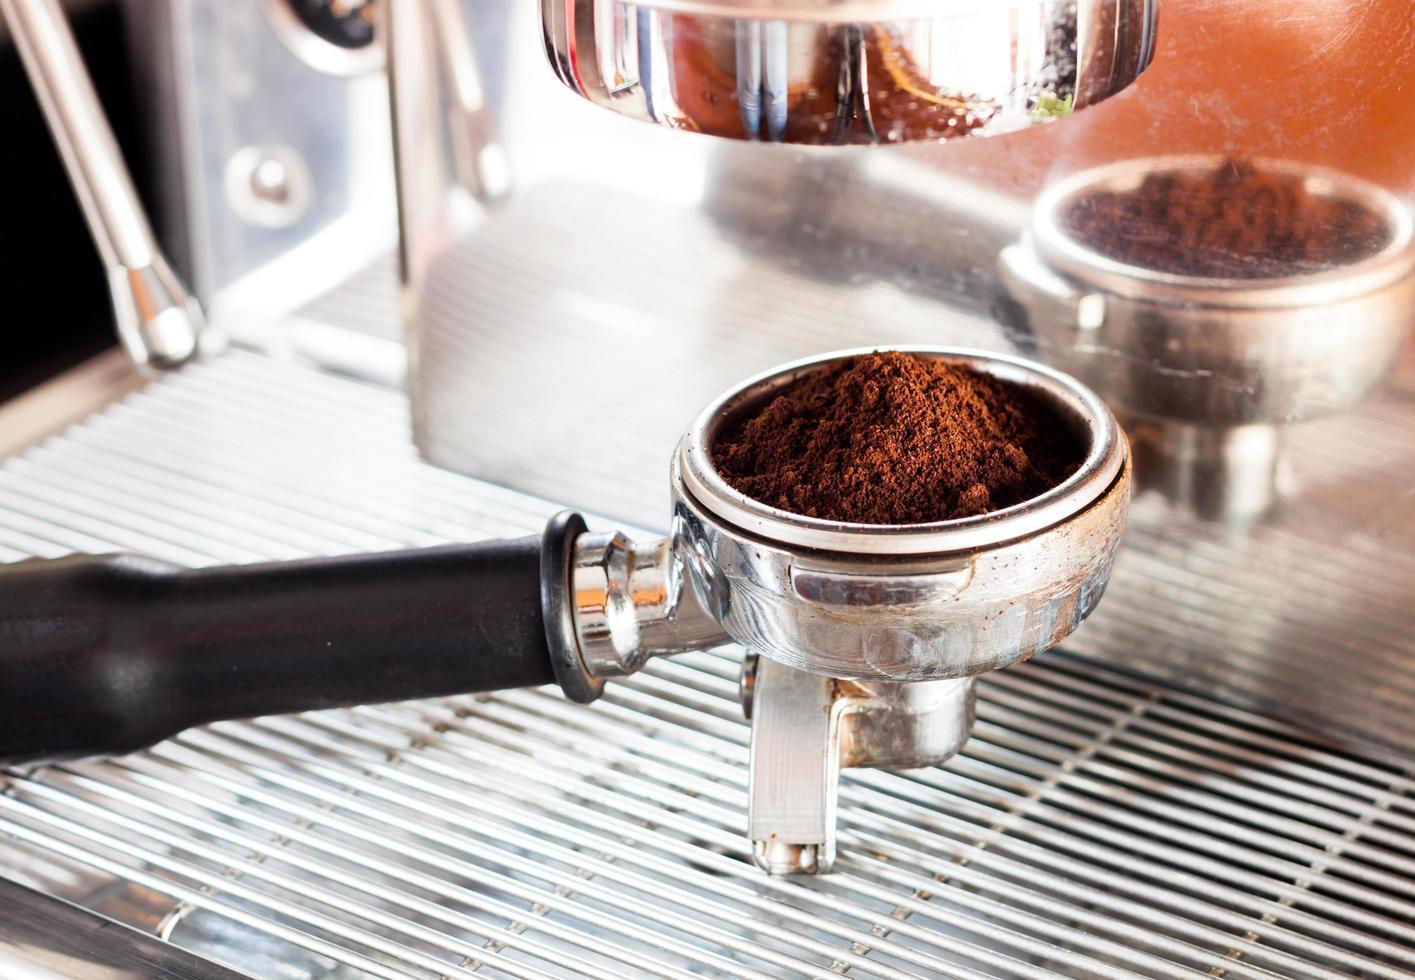 espresso in een koffiemolen foto